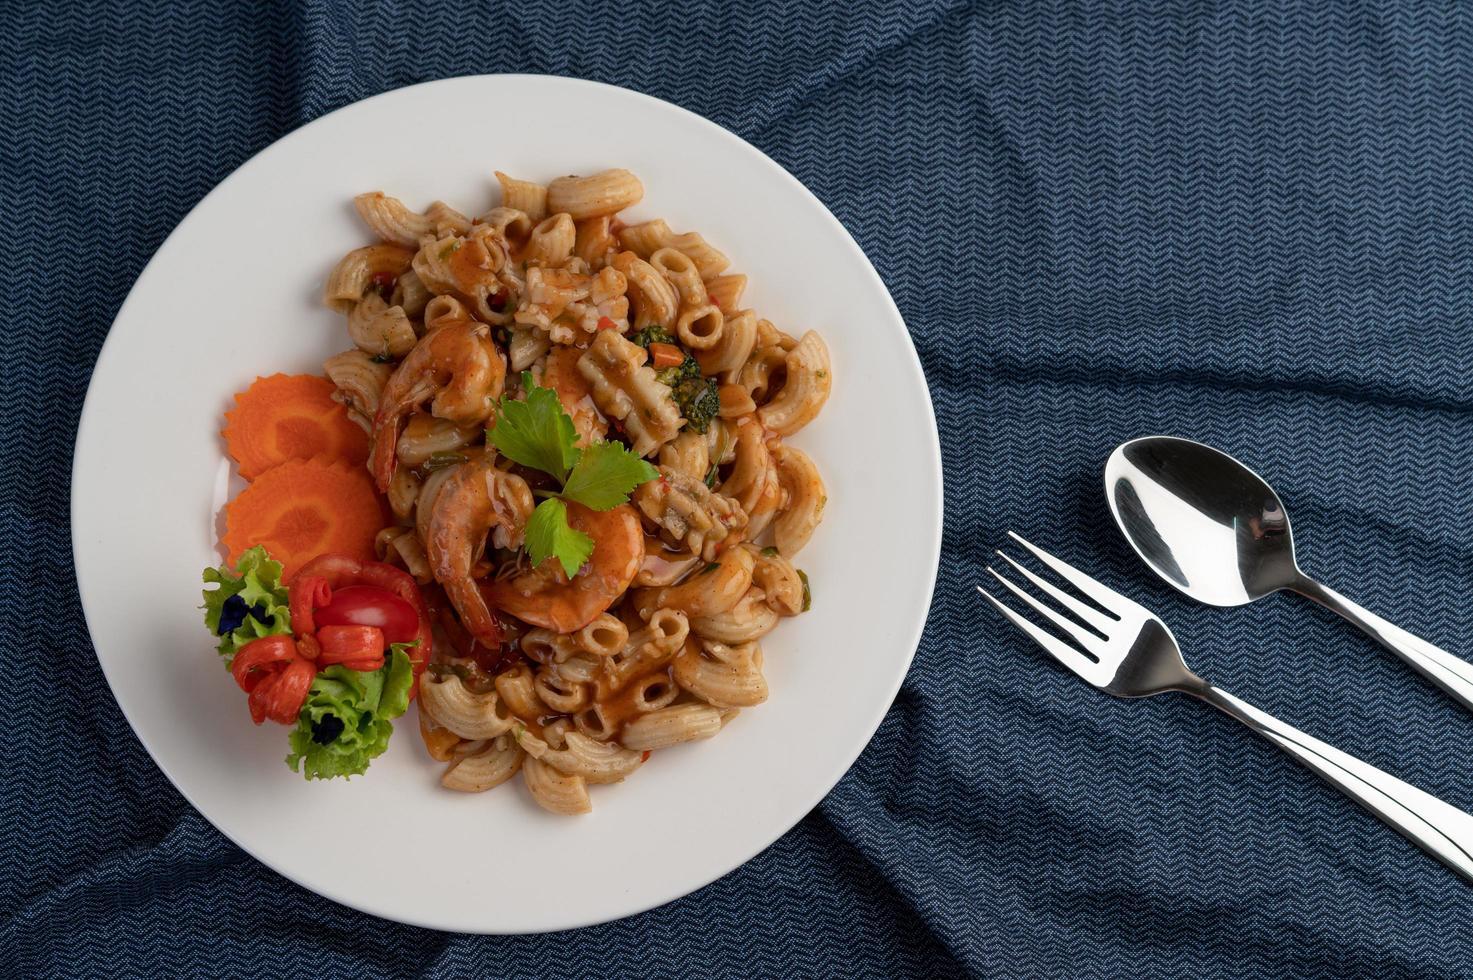 gamberetti e maccheroni con carote, pomodori e insalata foto